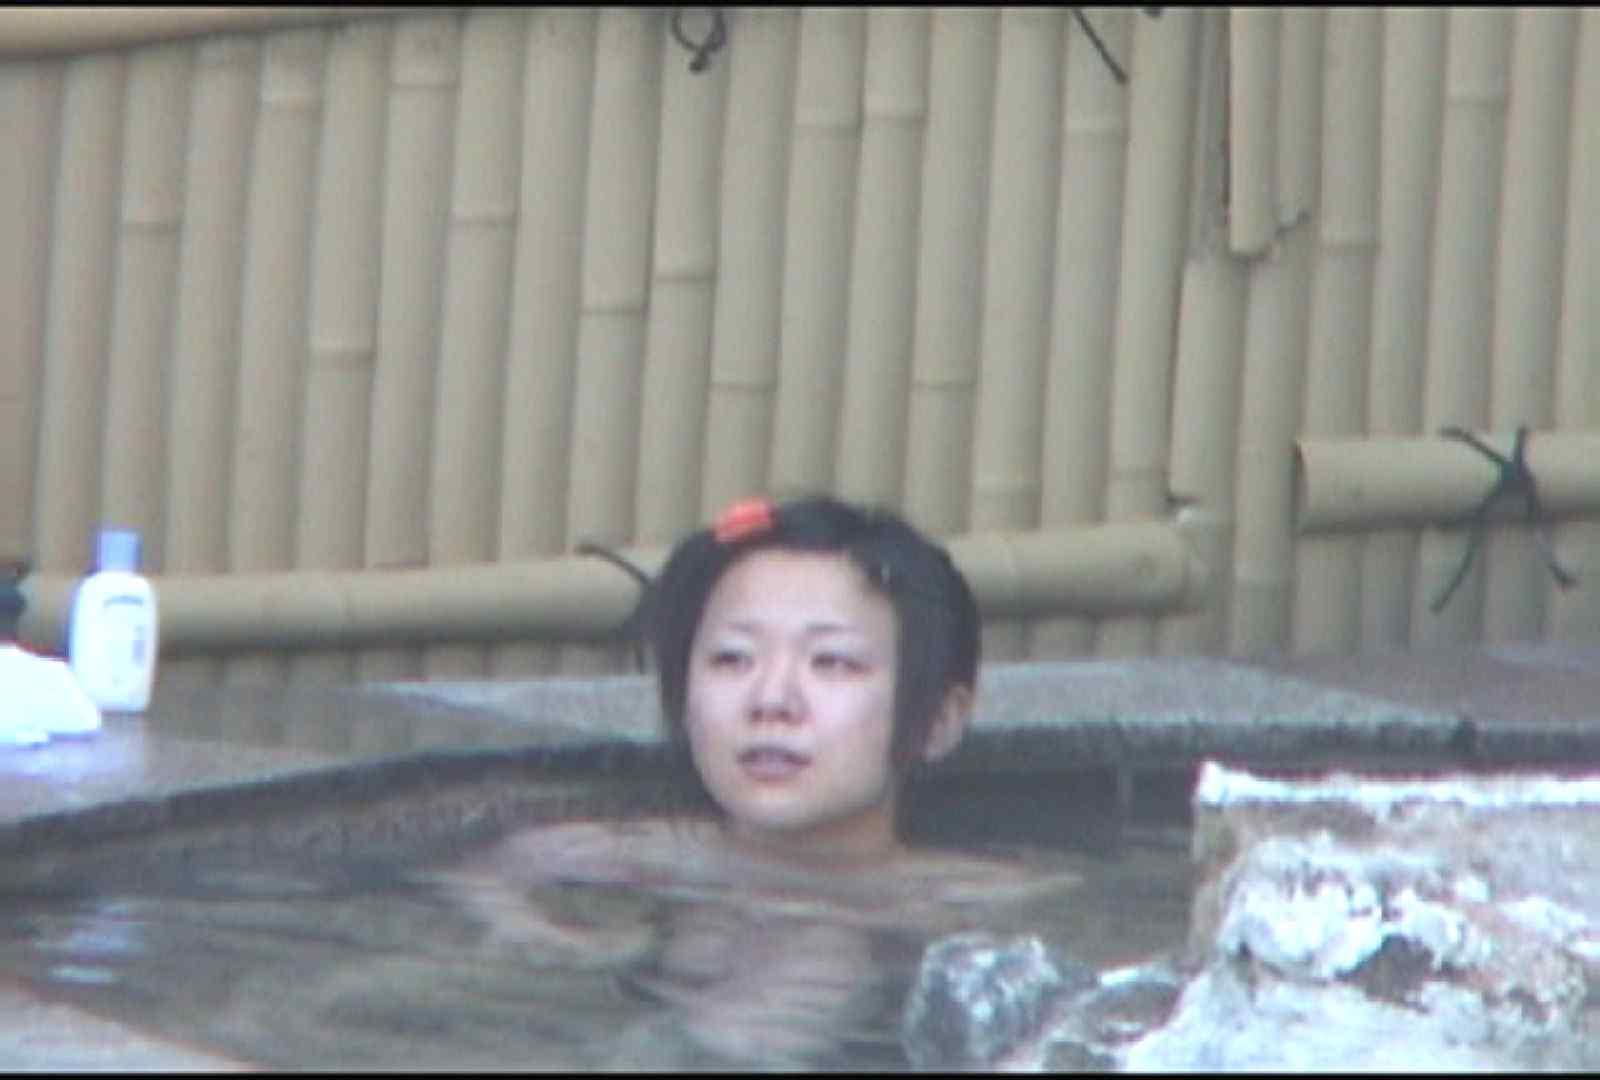 Aquaな露天風呂Vol.175 OLのプライベート おまんこ動画流出 13pic 2